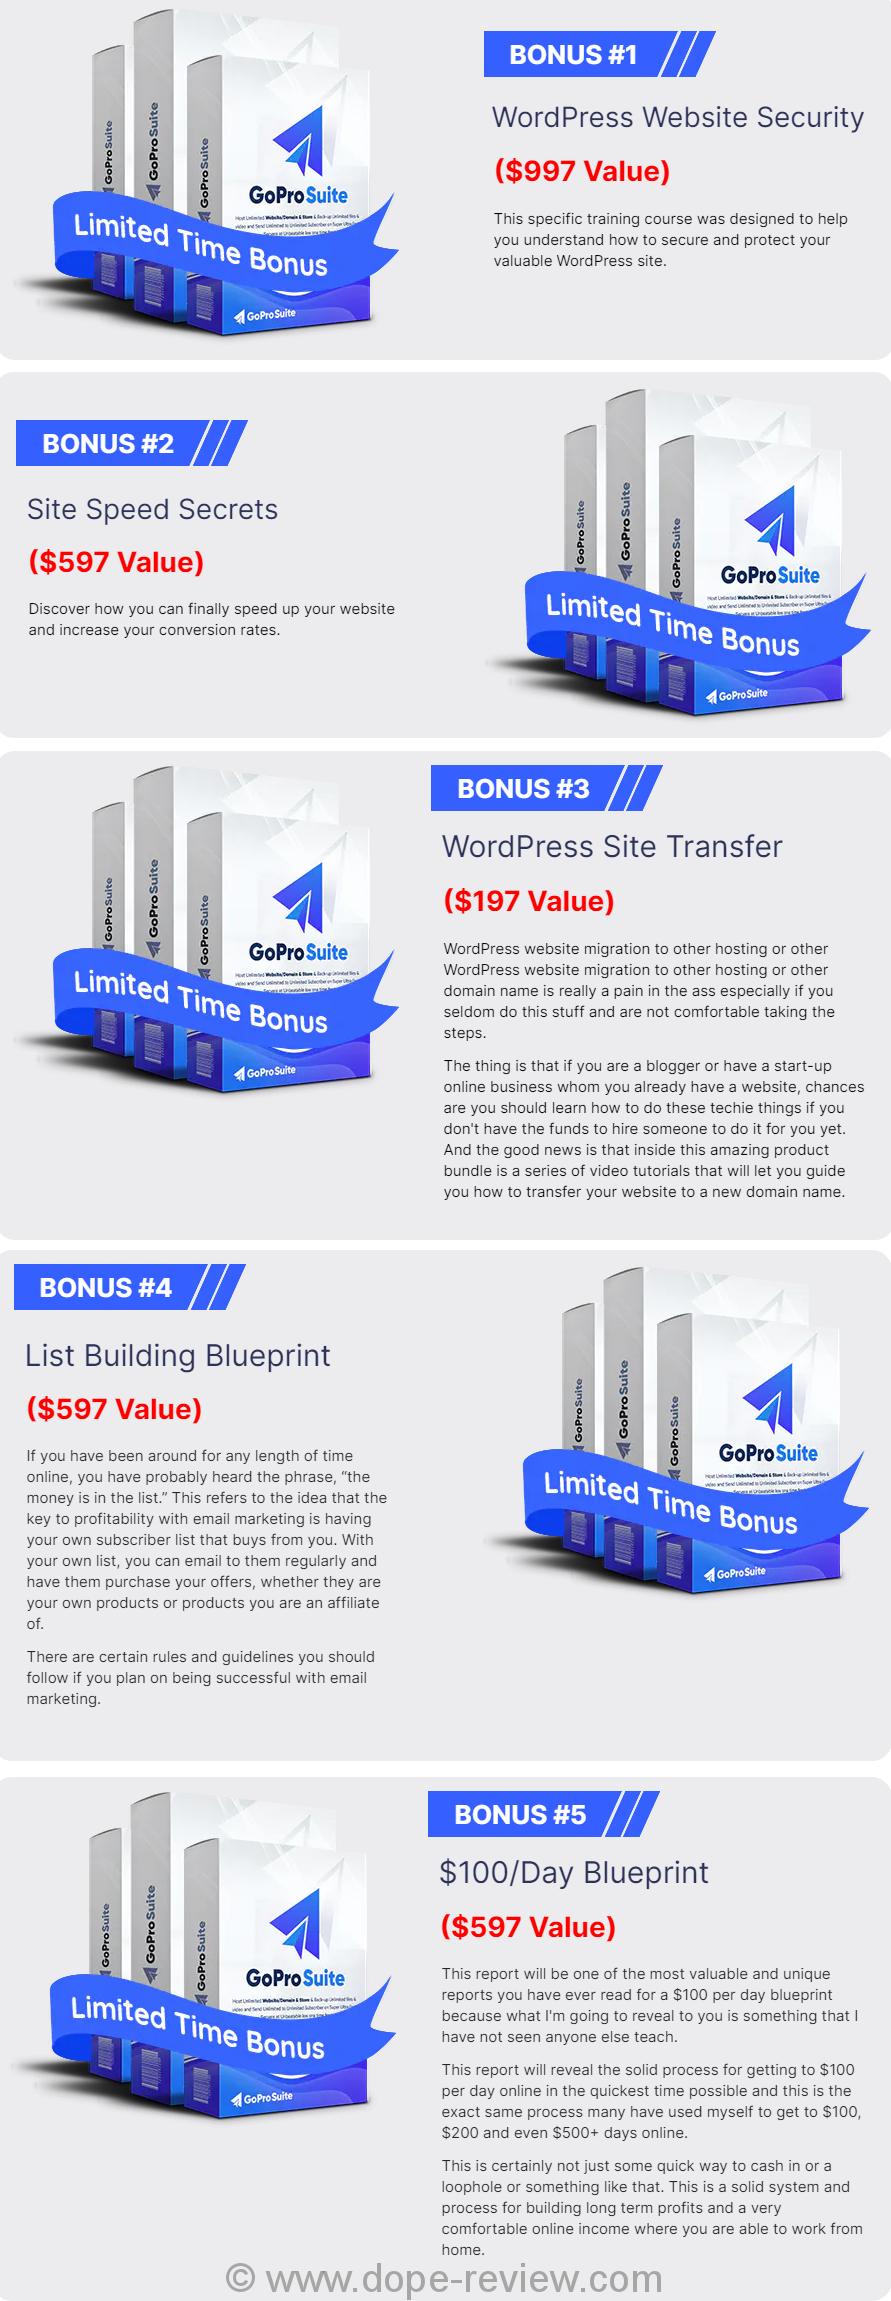 GoProSuite Bonus